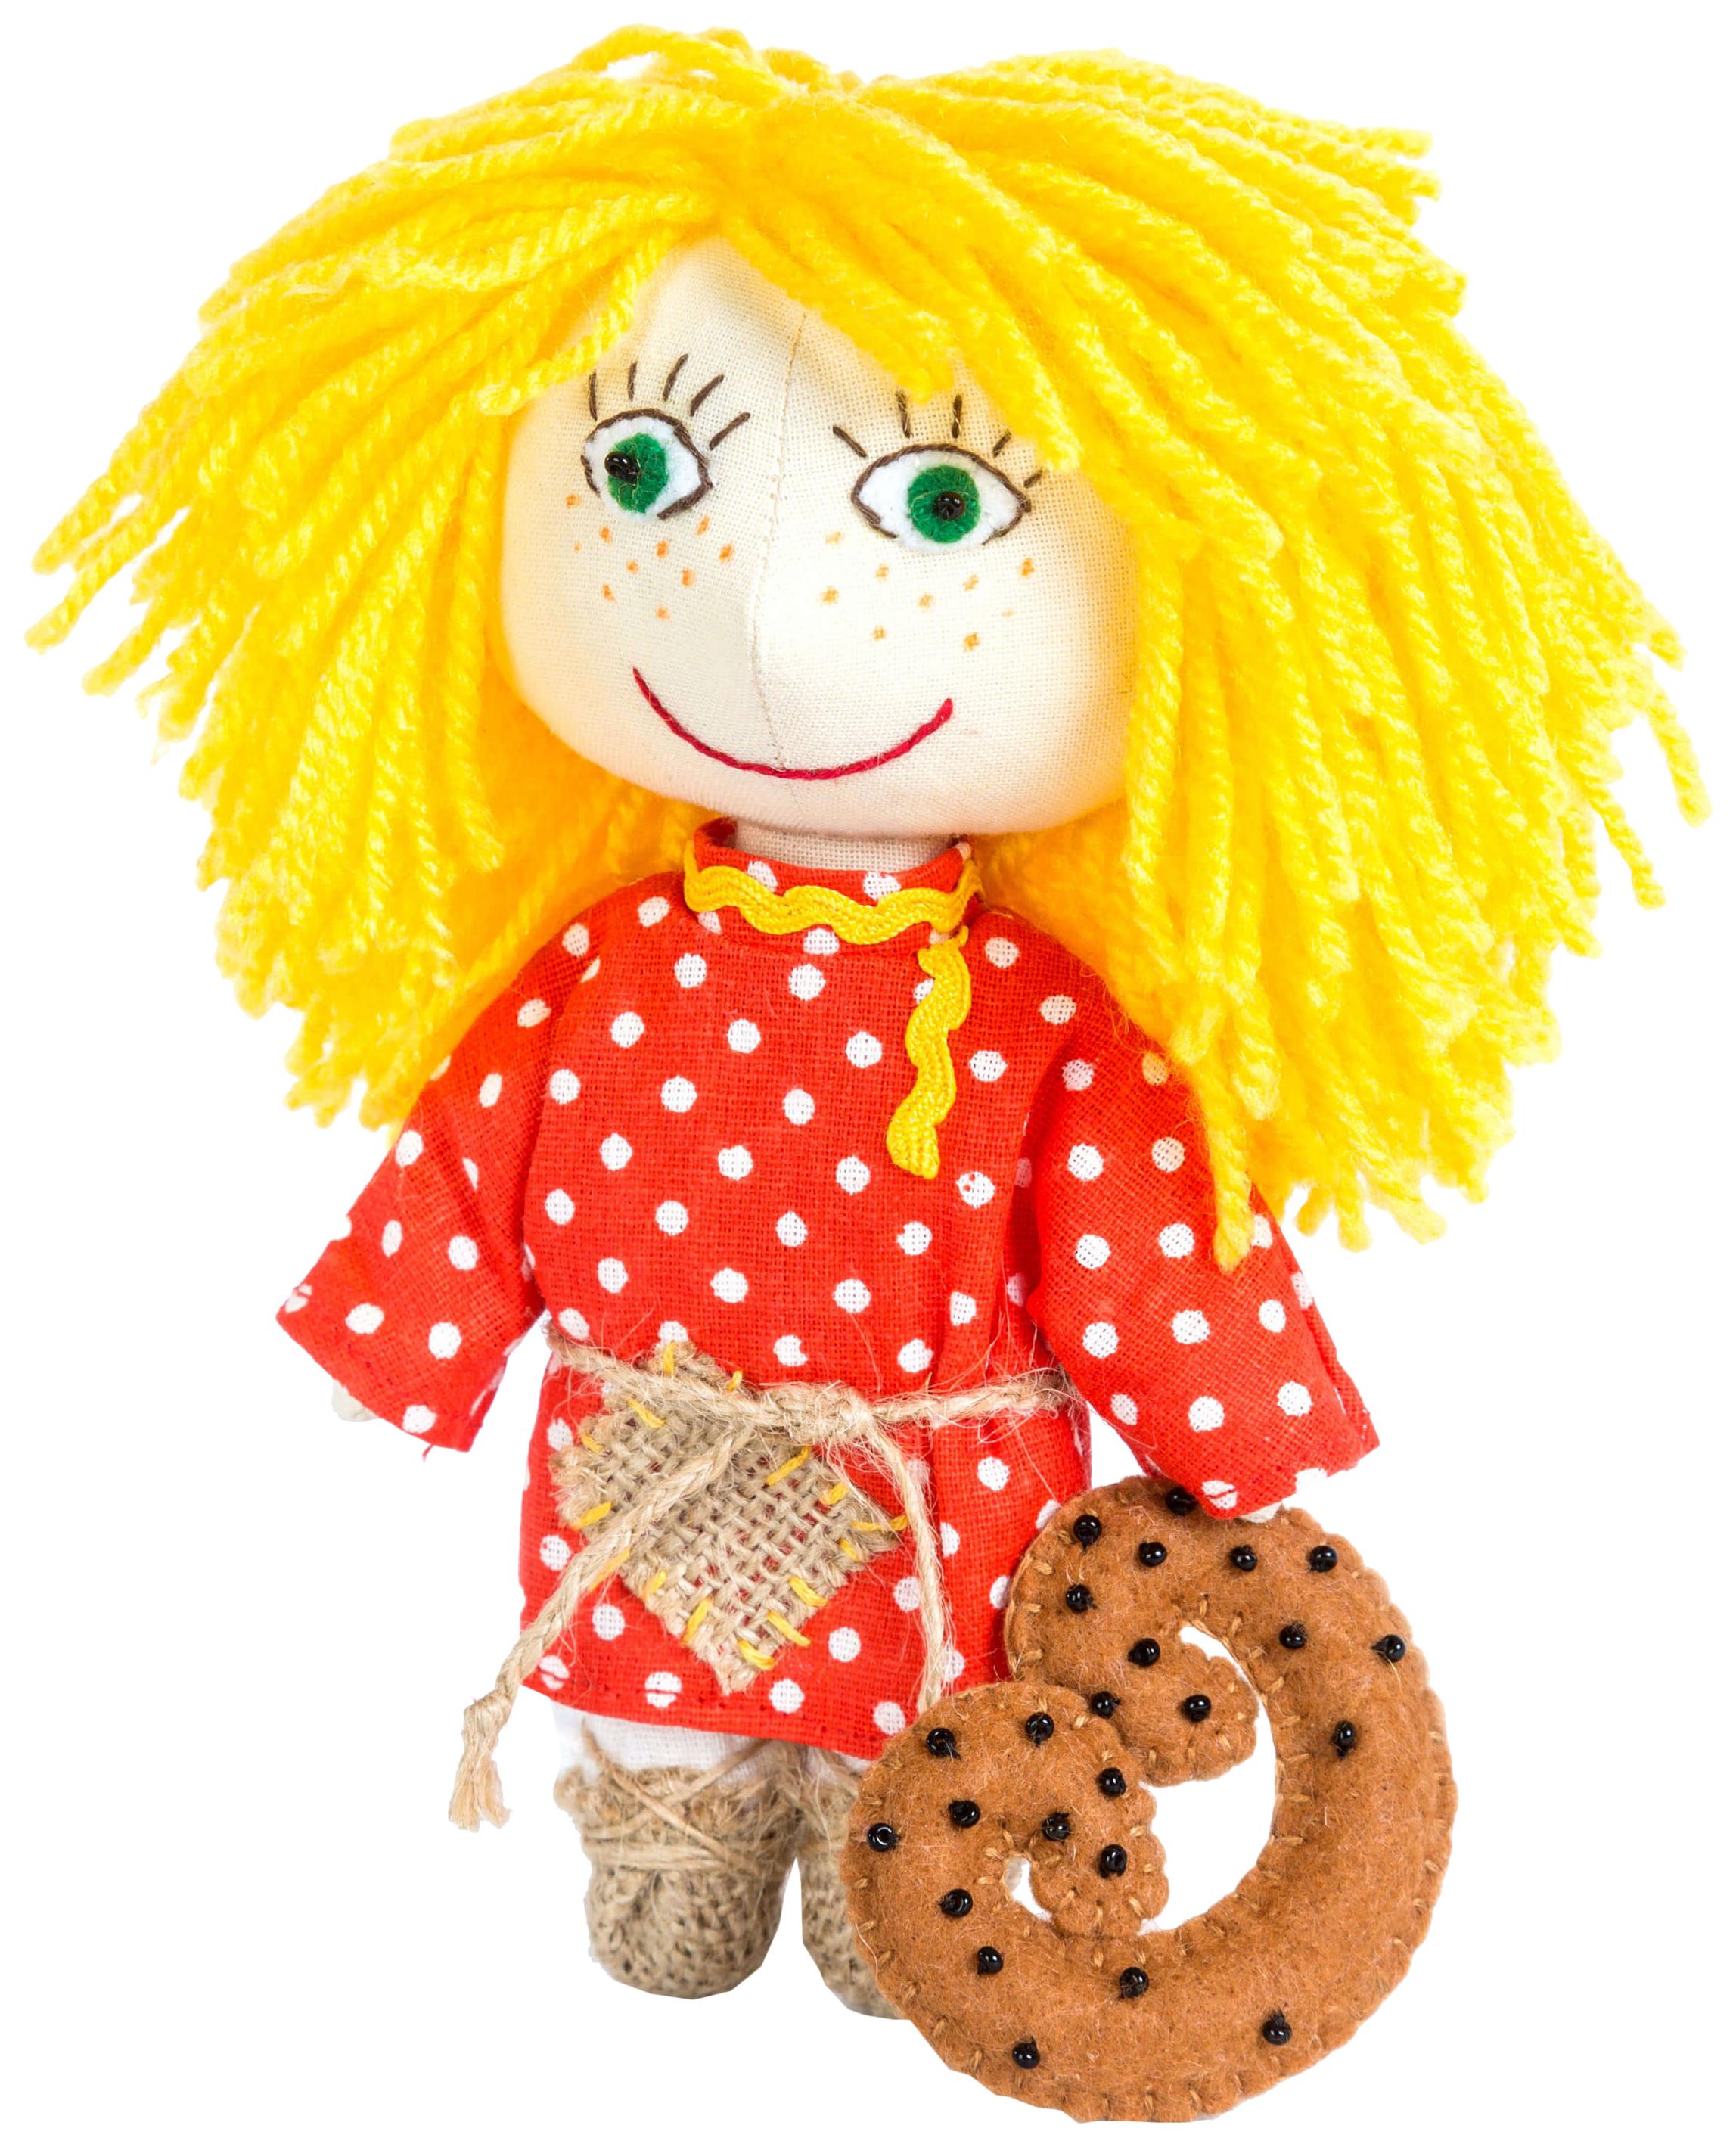 Купить ПЕРЛОВКА Набор для создания текстильной игрушки Домовёнок, 15, 5 см, 904696, Перловка, Рукоделие